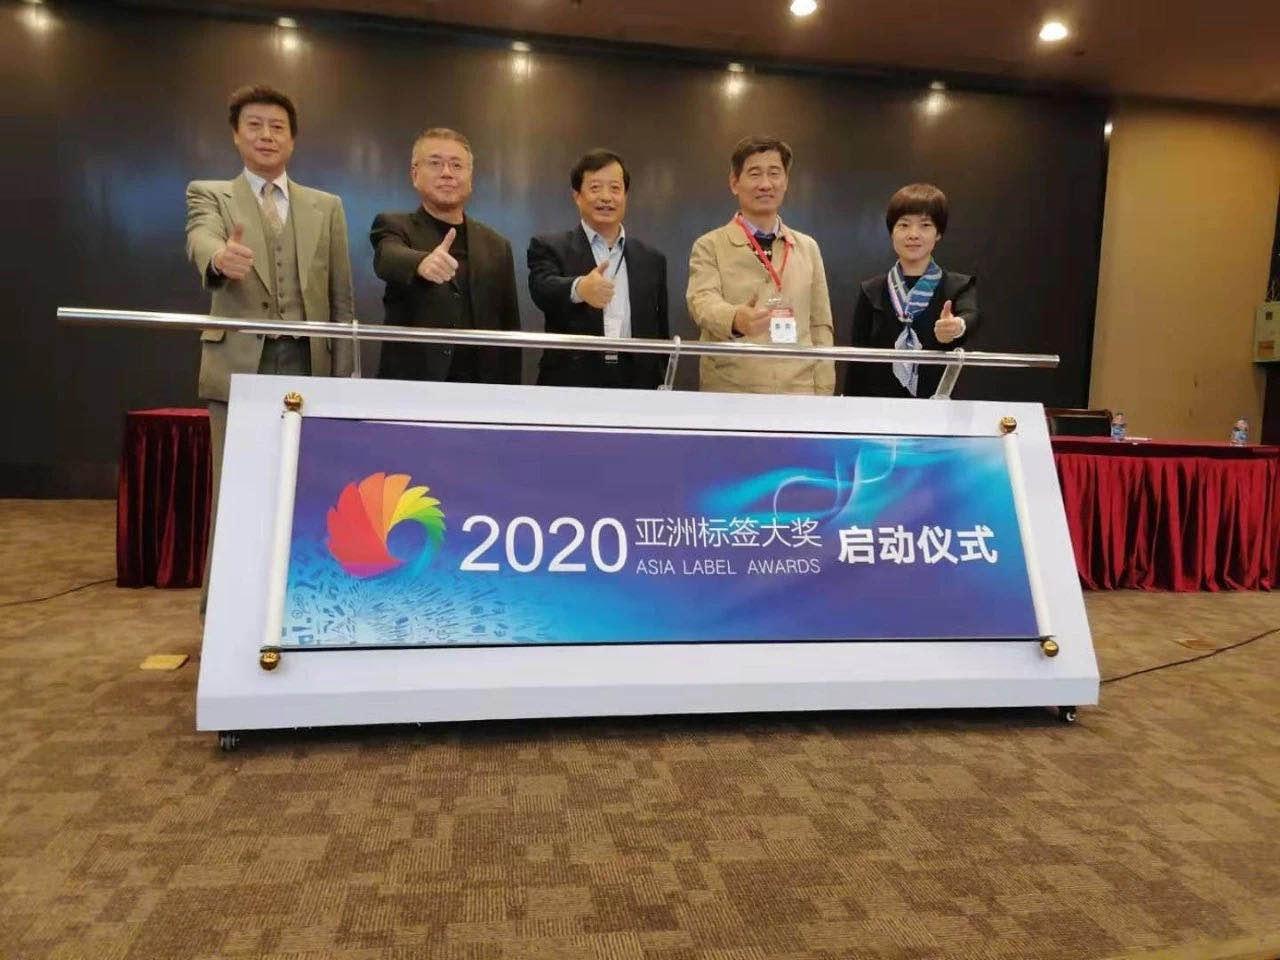 2020亚洲标签大奖颁奖典礼将与2020全印展同期举办!